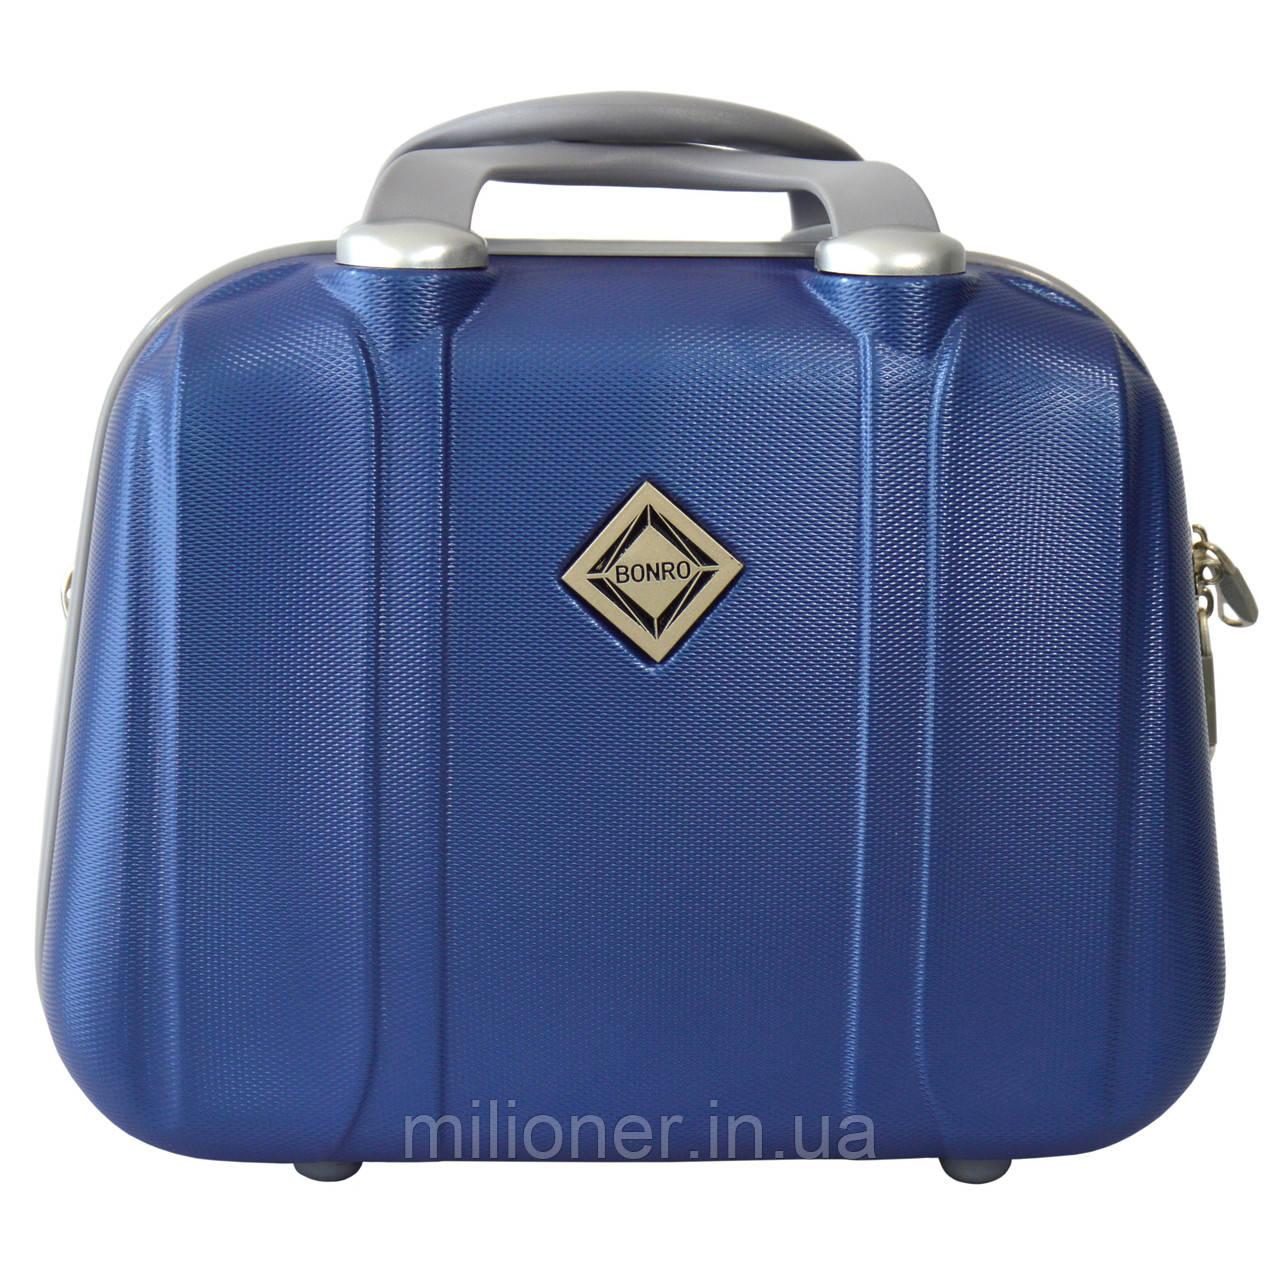 Сумка кейс саквояж Bonro Smile (большой) синий (blue 629)